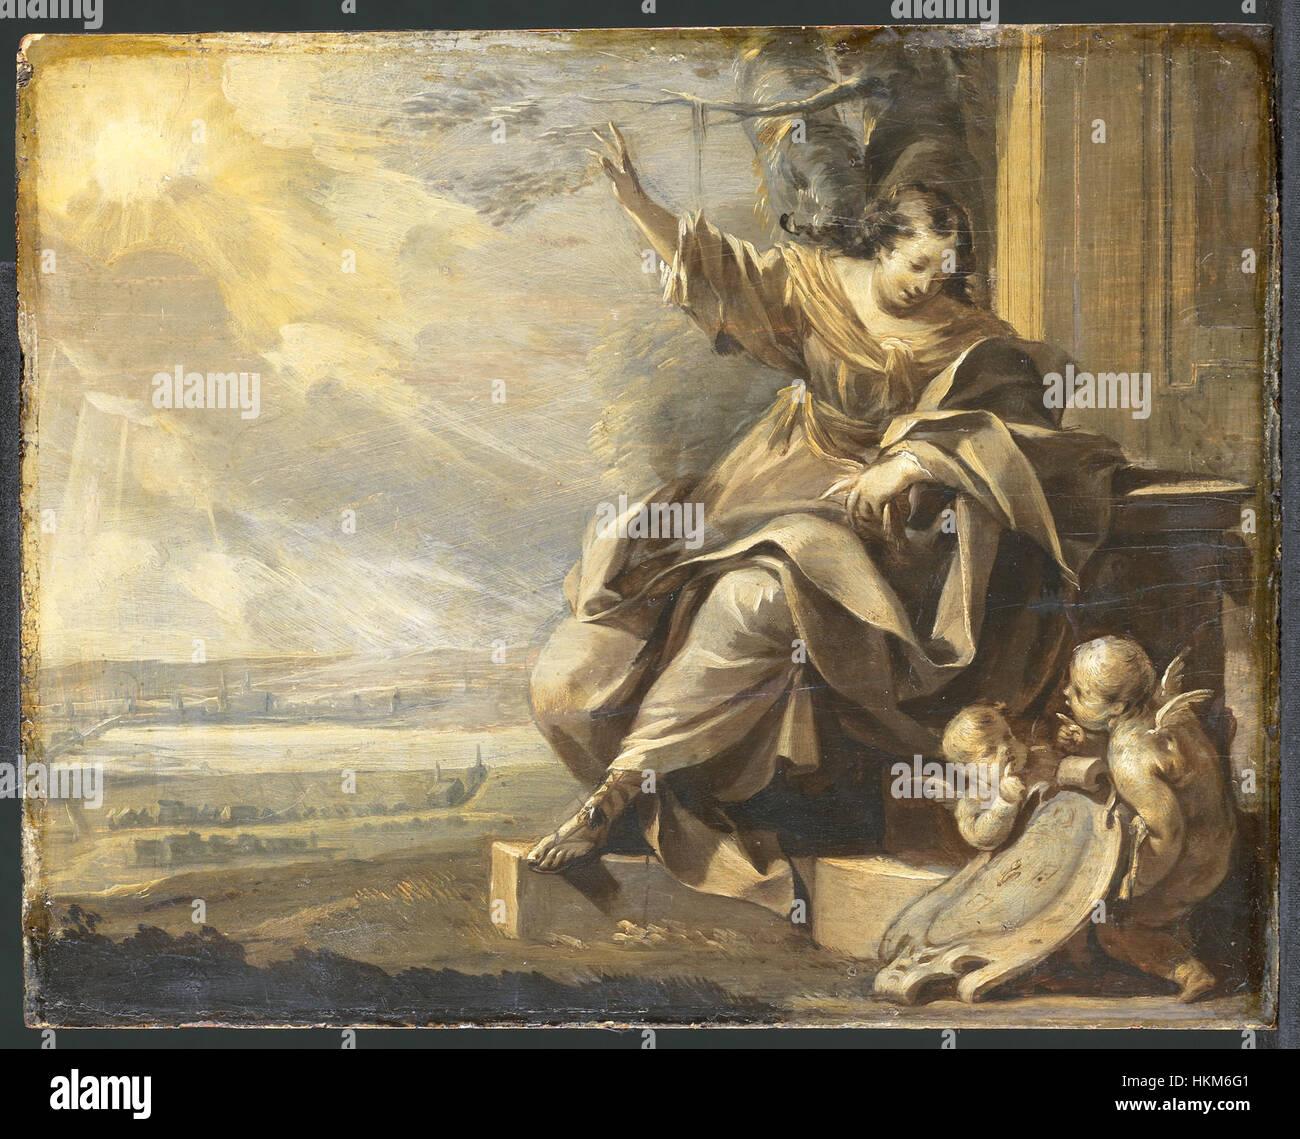 Allegorische vrouwenfiguur met twee putti Rijksmuseum Amsterdam SK-A-4021 - Stock Image